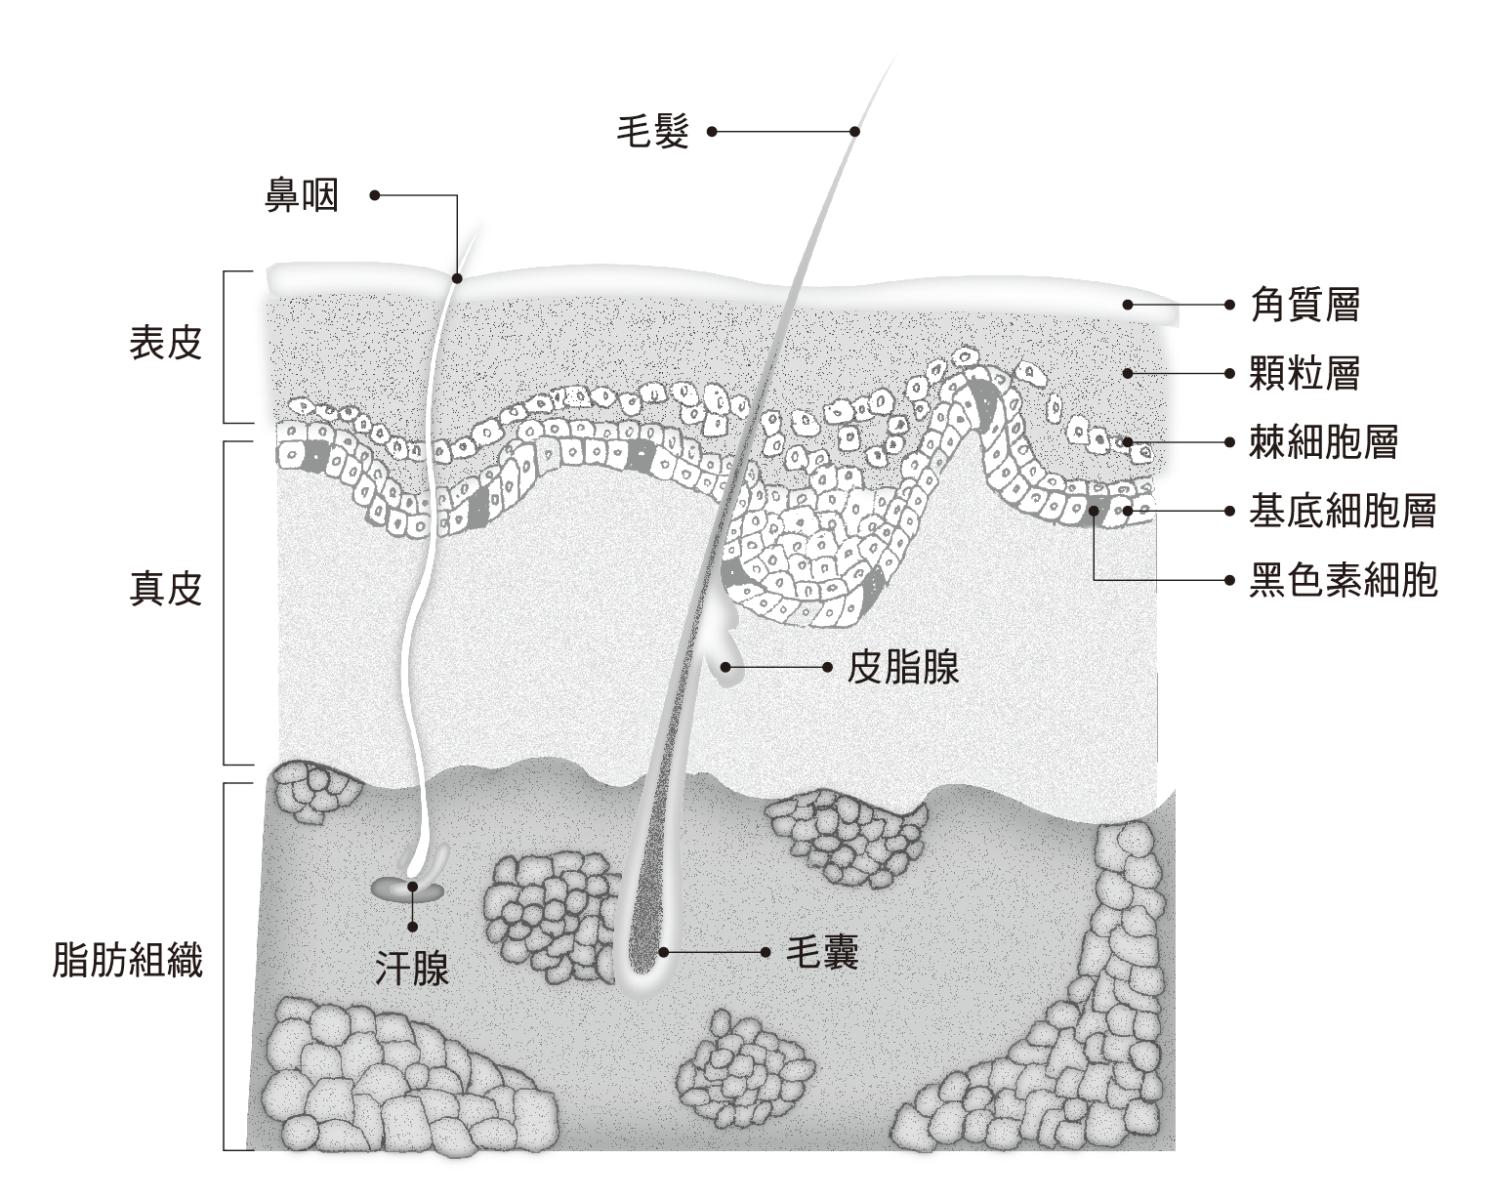 皮膚結構示意圖